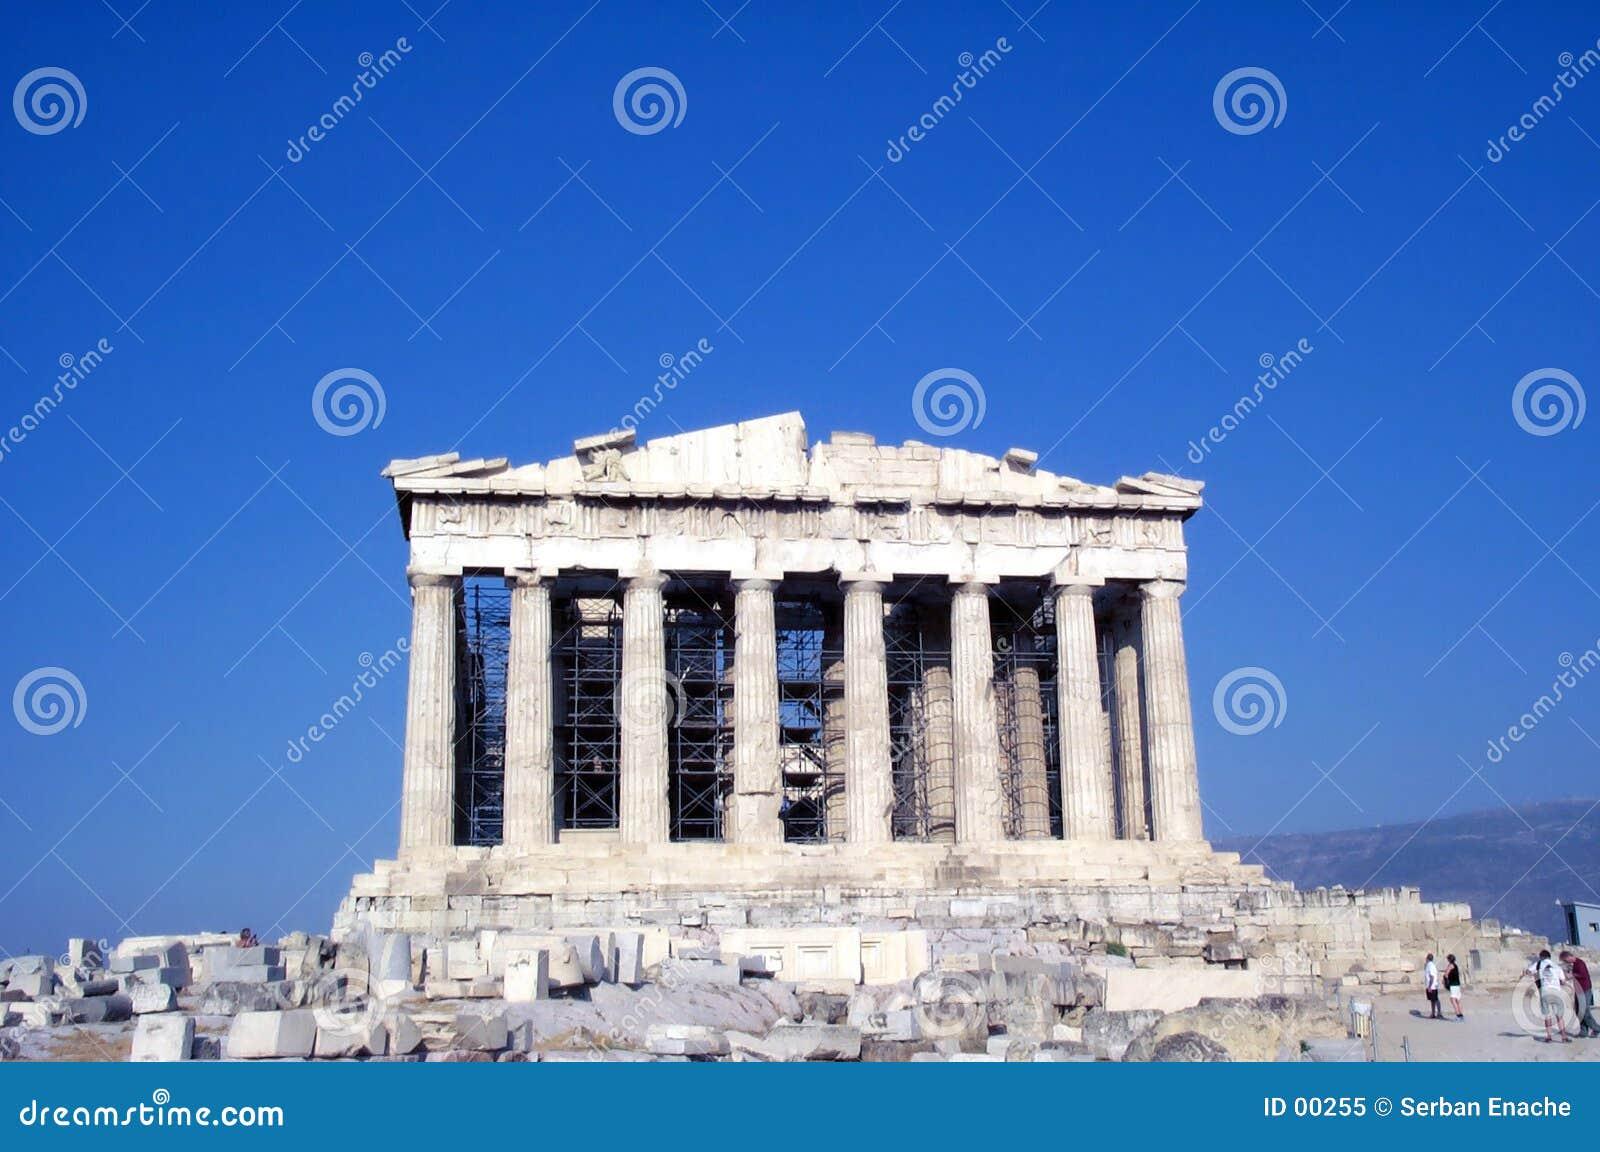 Parthenon - frontal view